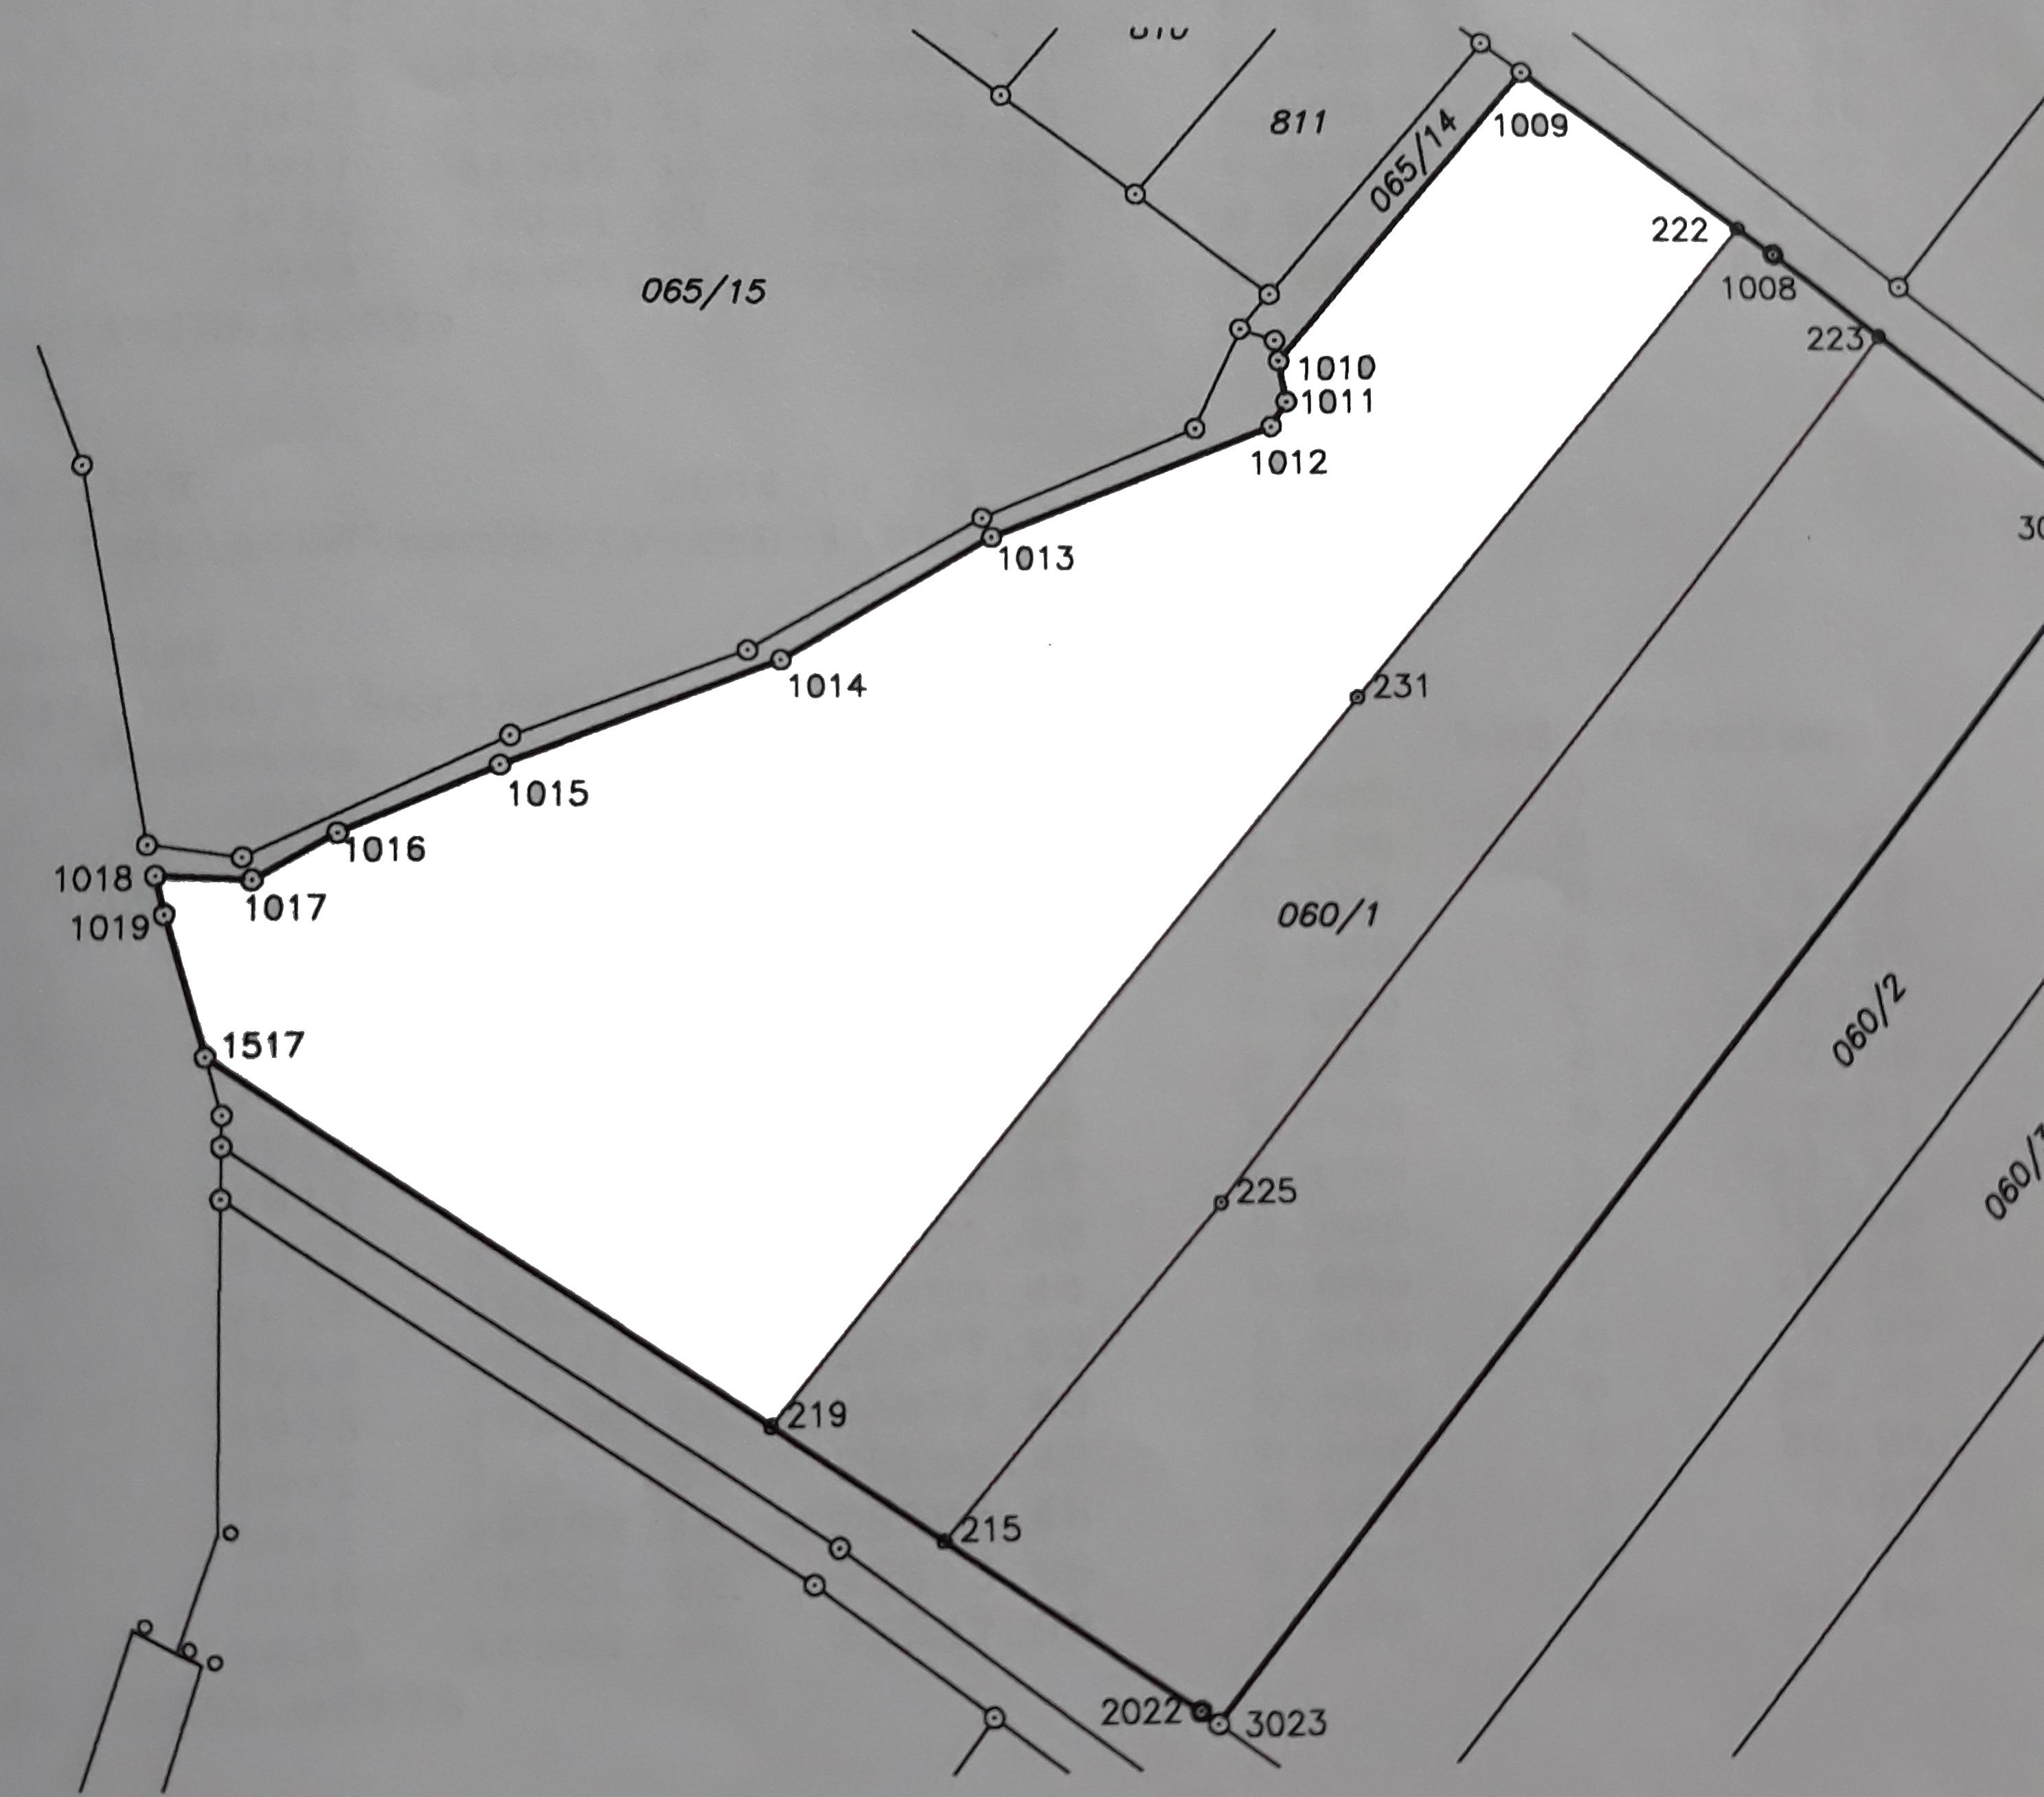 Eladó 1 hektáros telek - Váchartyán alaprajz